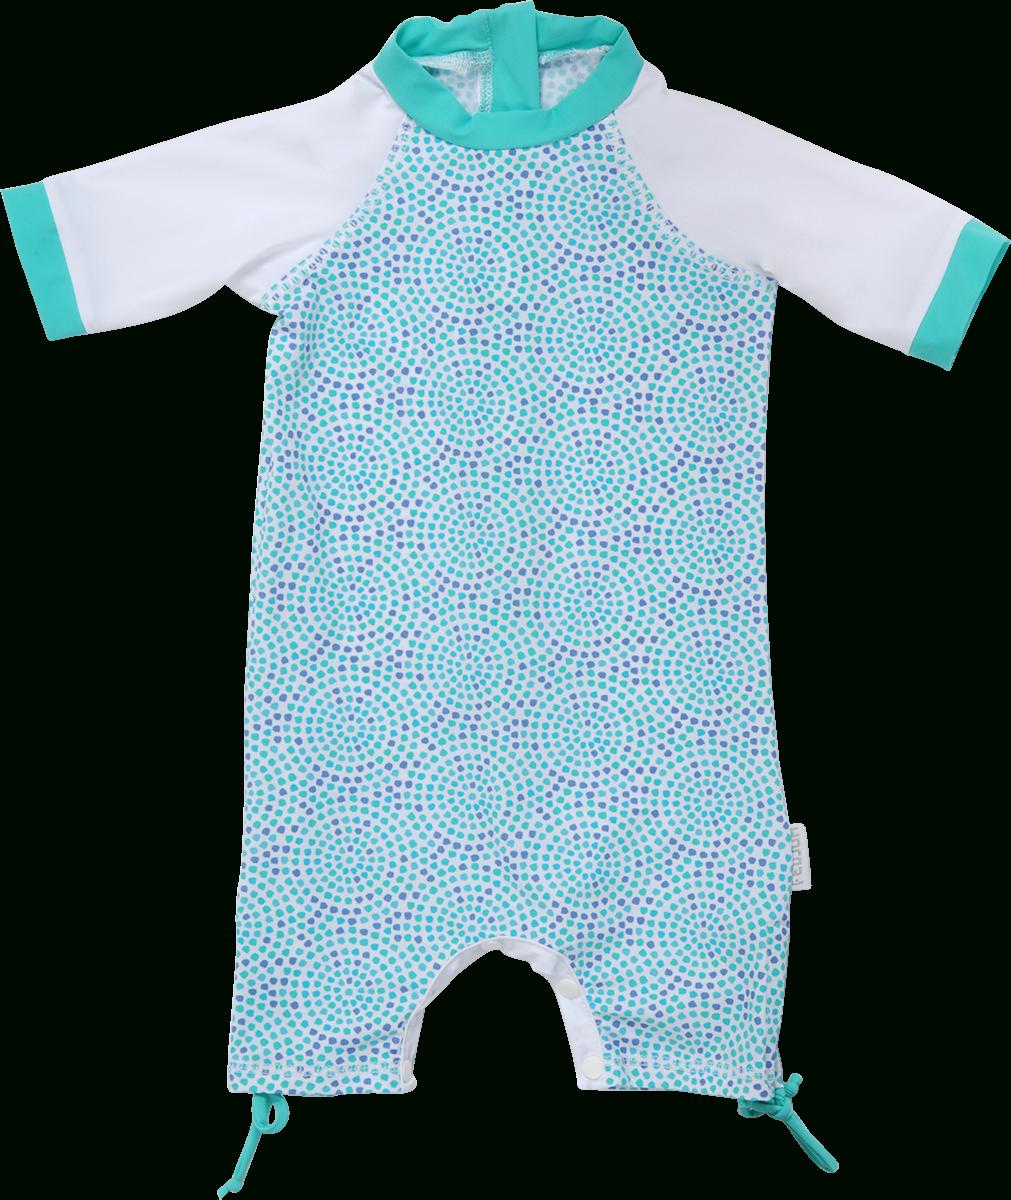 Maillot De Bain Anti Uv Bébé Fille Mozaica avec Combinaison Piscine Bébé